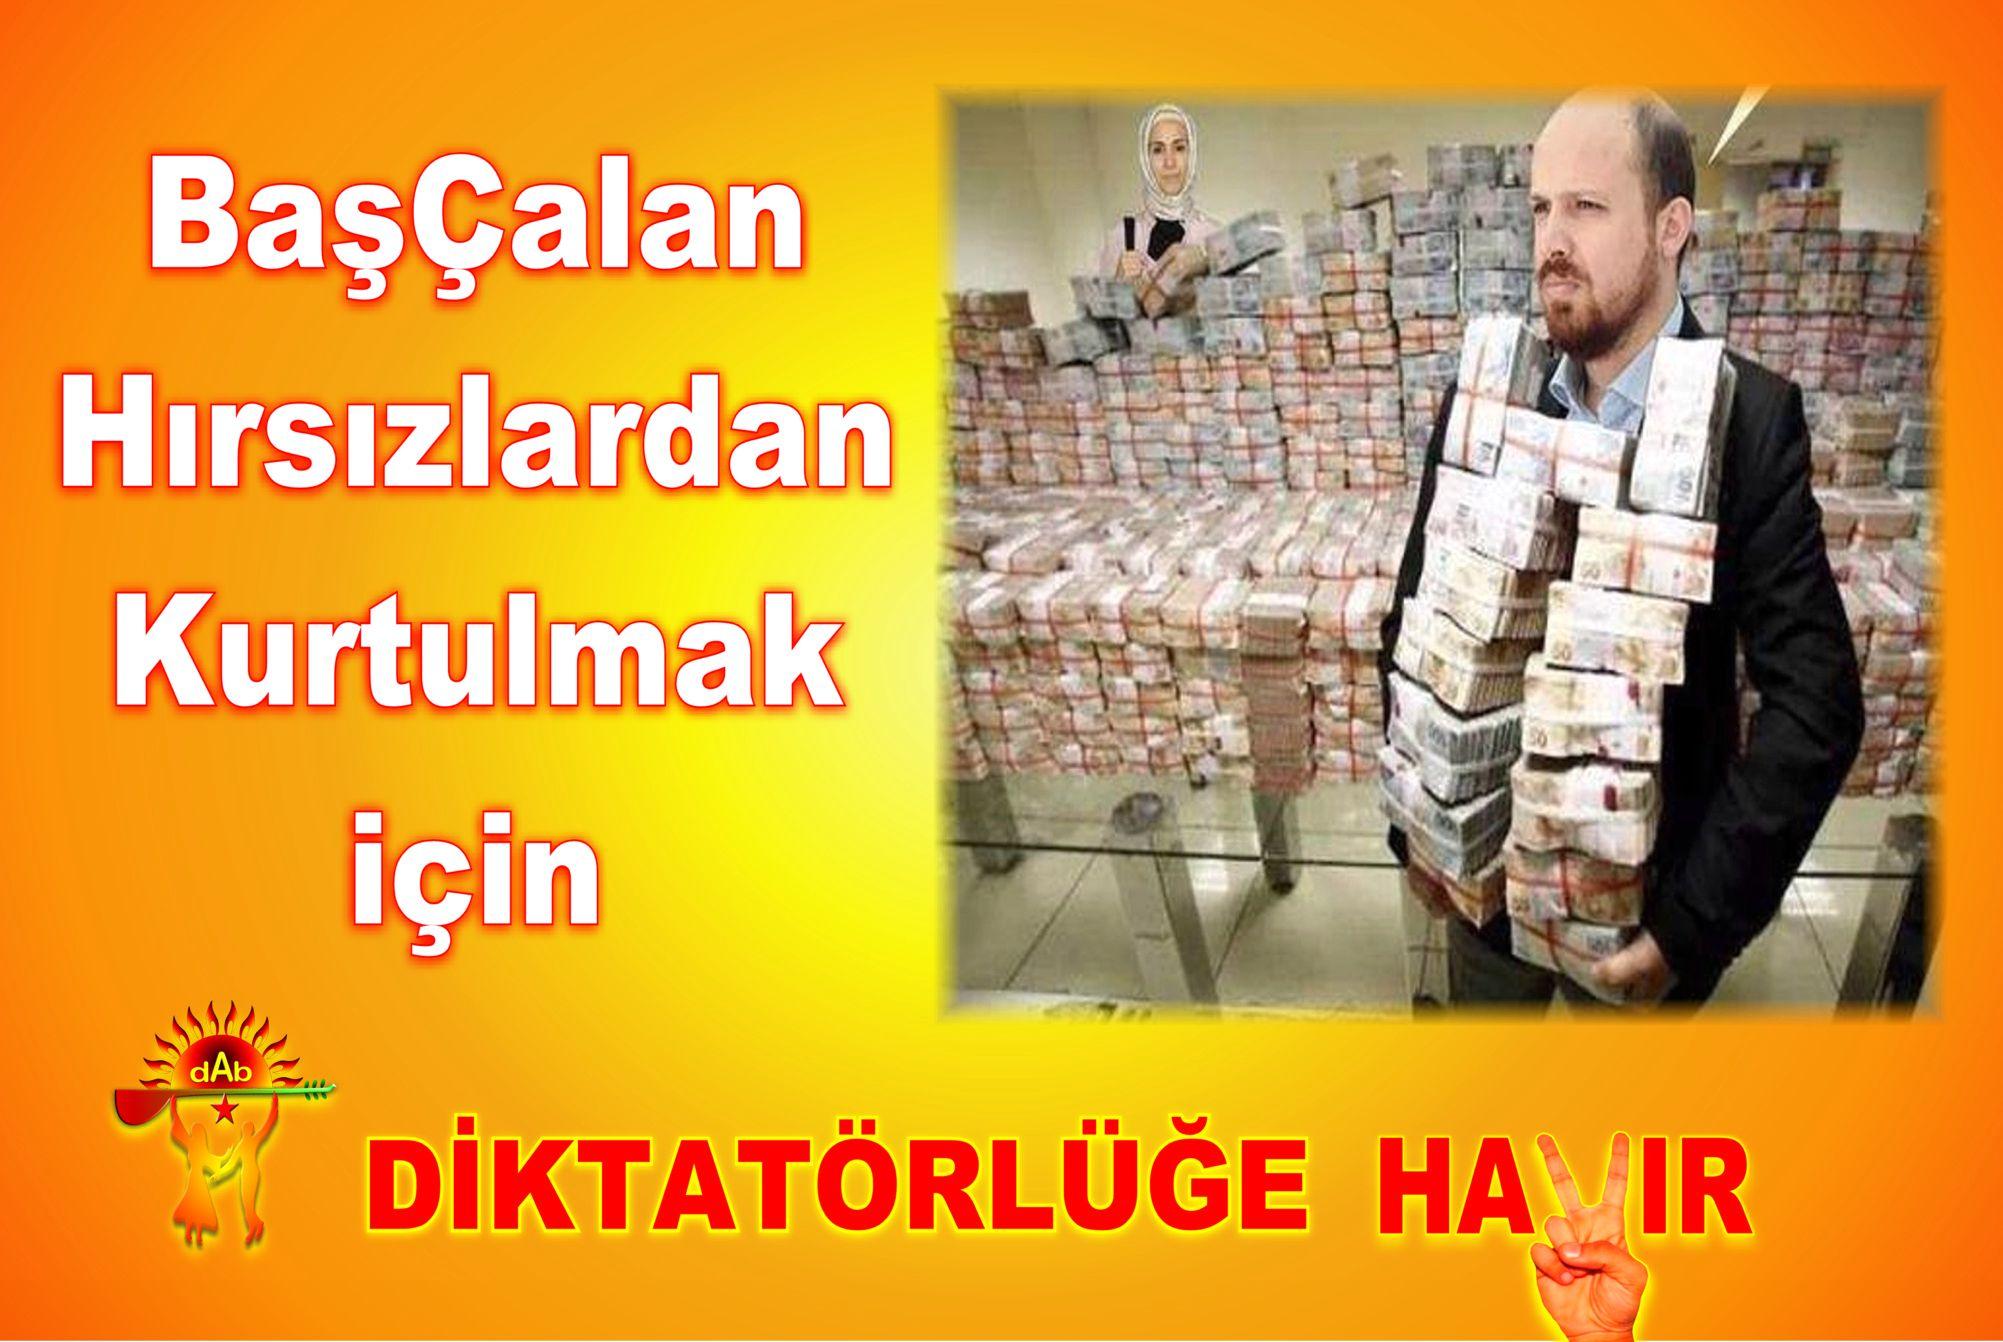 Devrimci Aleviler Birliği DAB Alevi Kızılbaş Bektaşi pir sultan cem hz Ali 12 imam semah Feramuz Şah Acar 15 hayir bas calan hirsiz